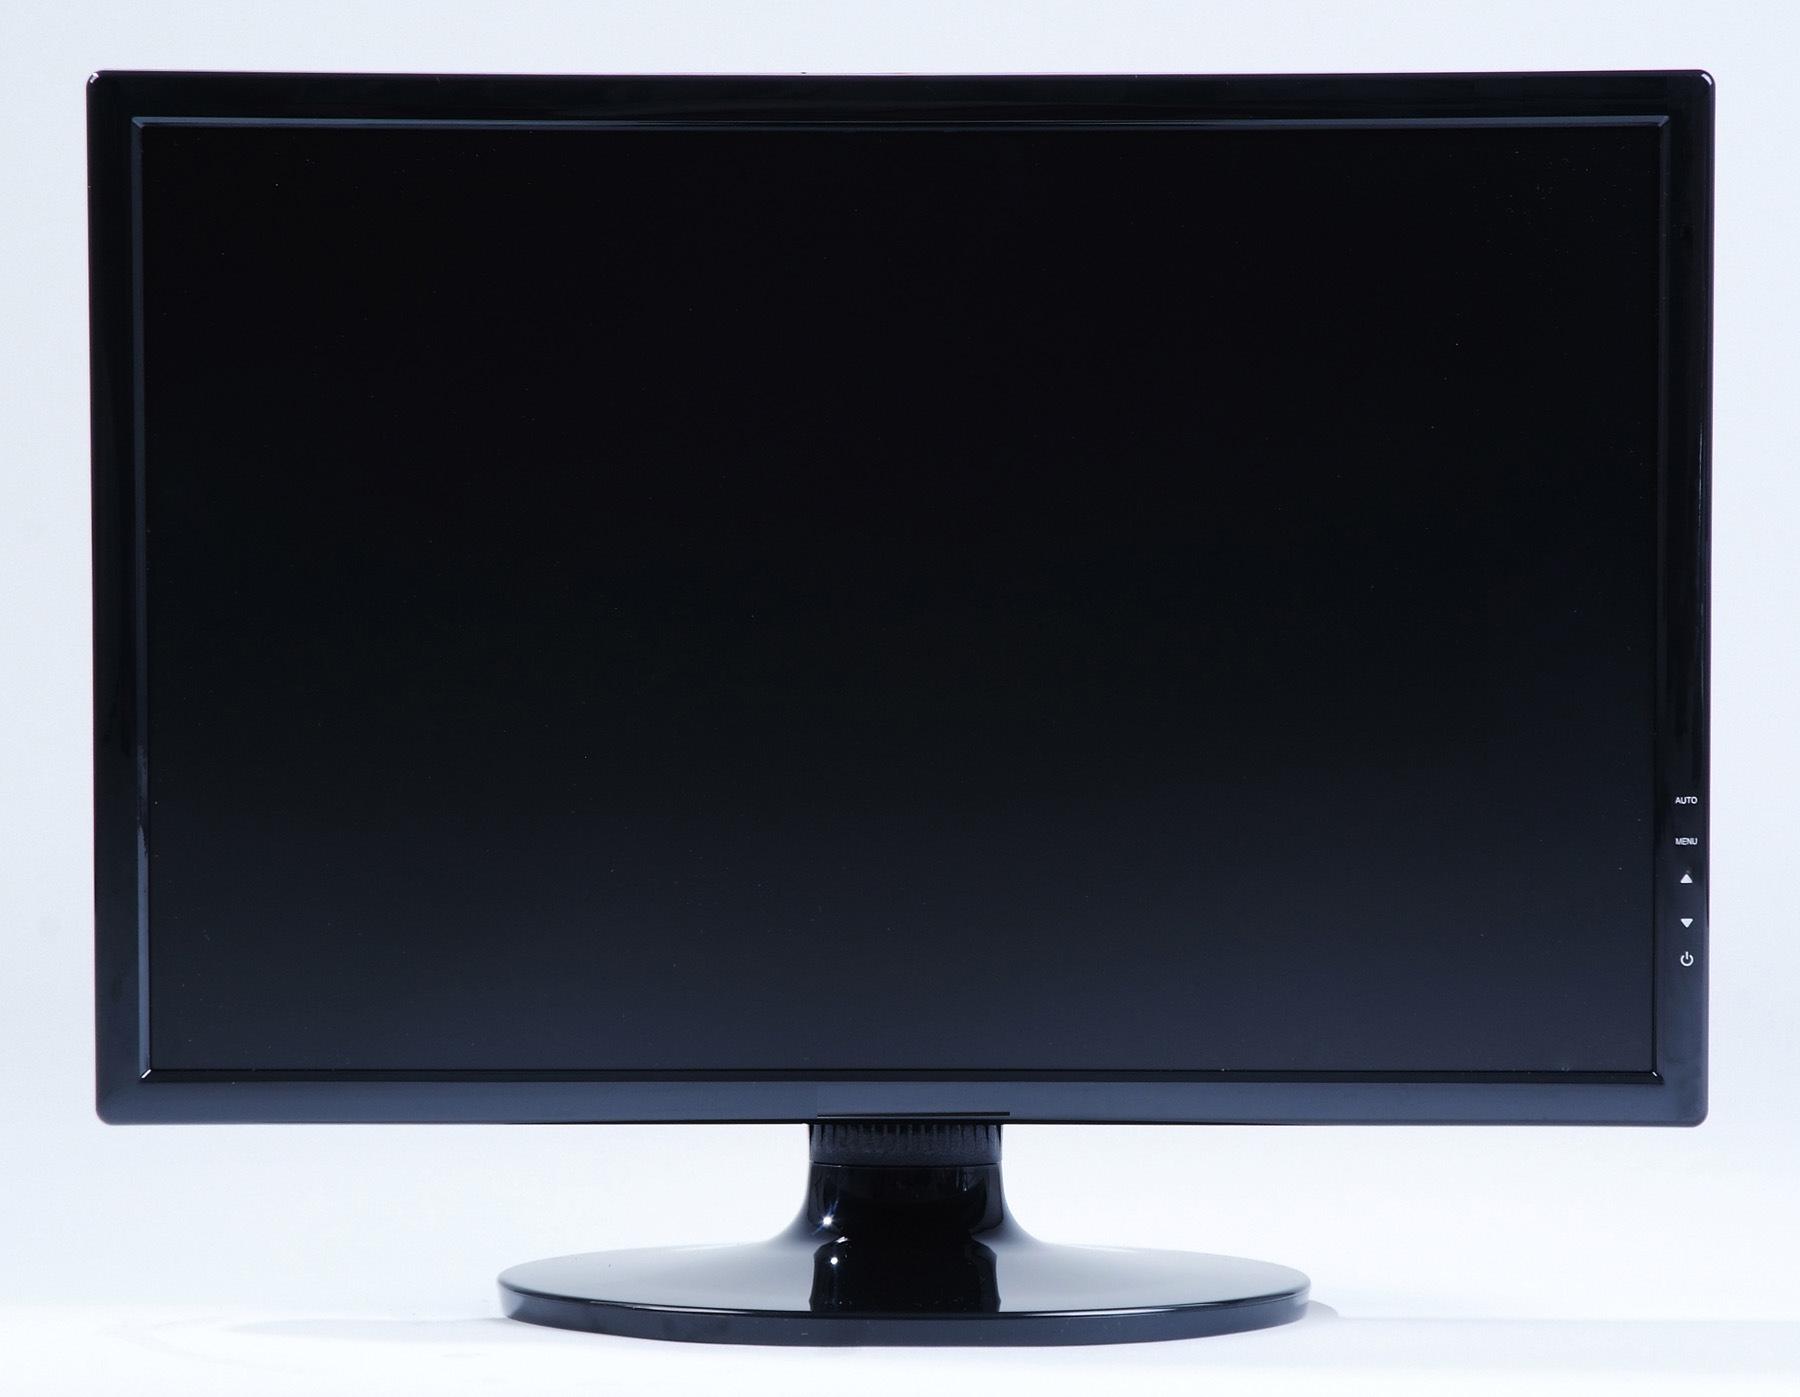 Led Display Monitor